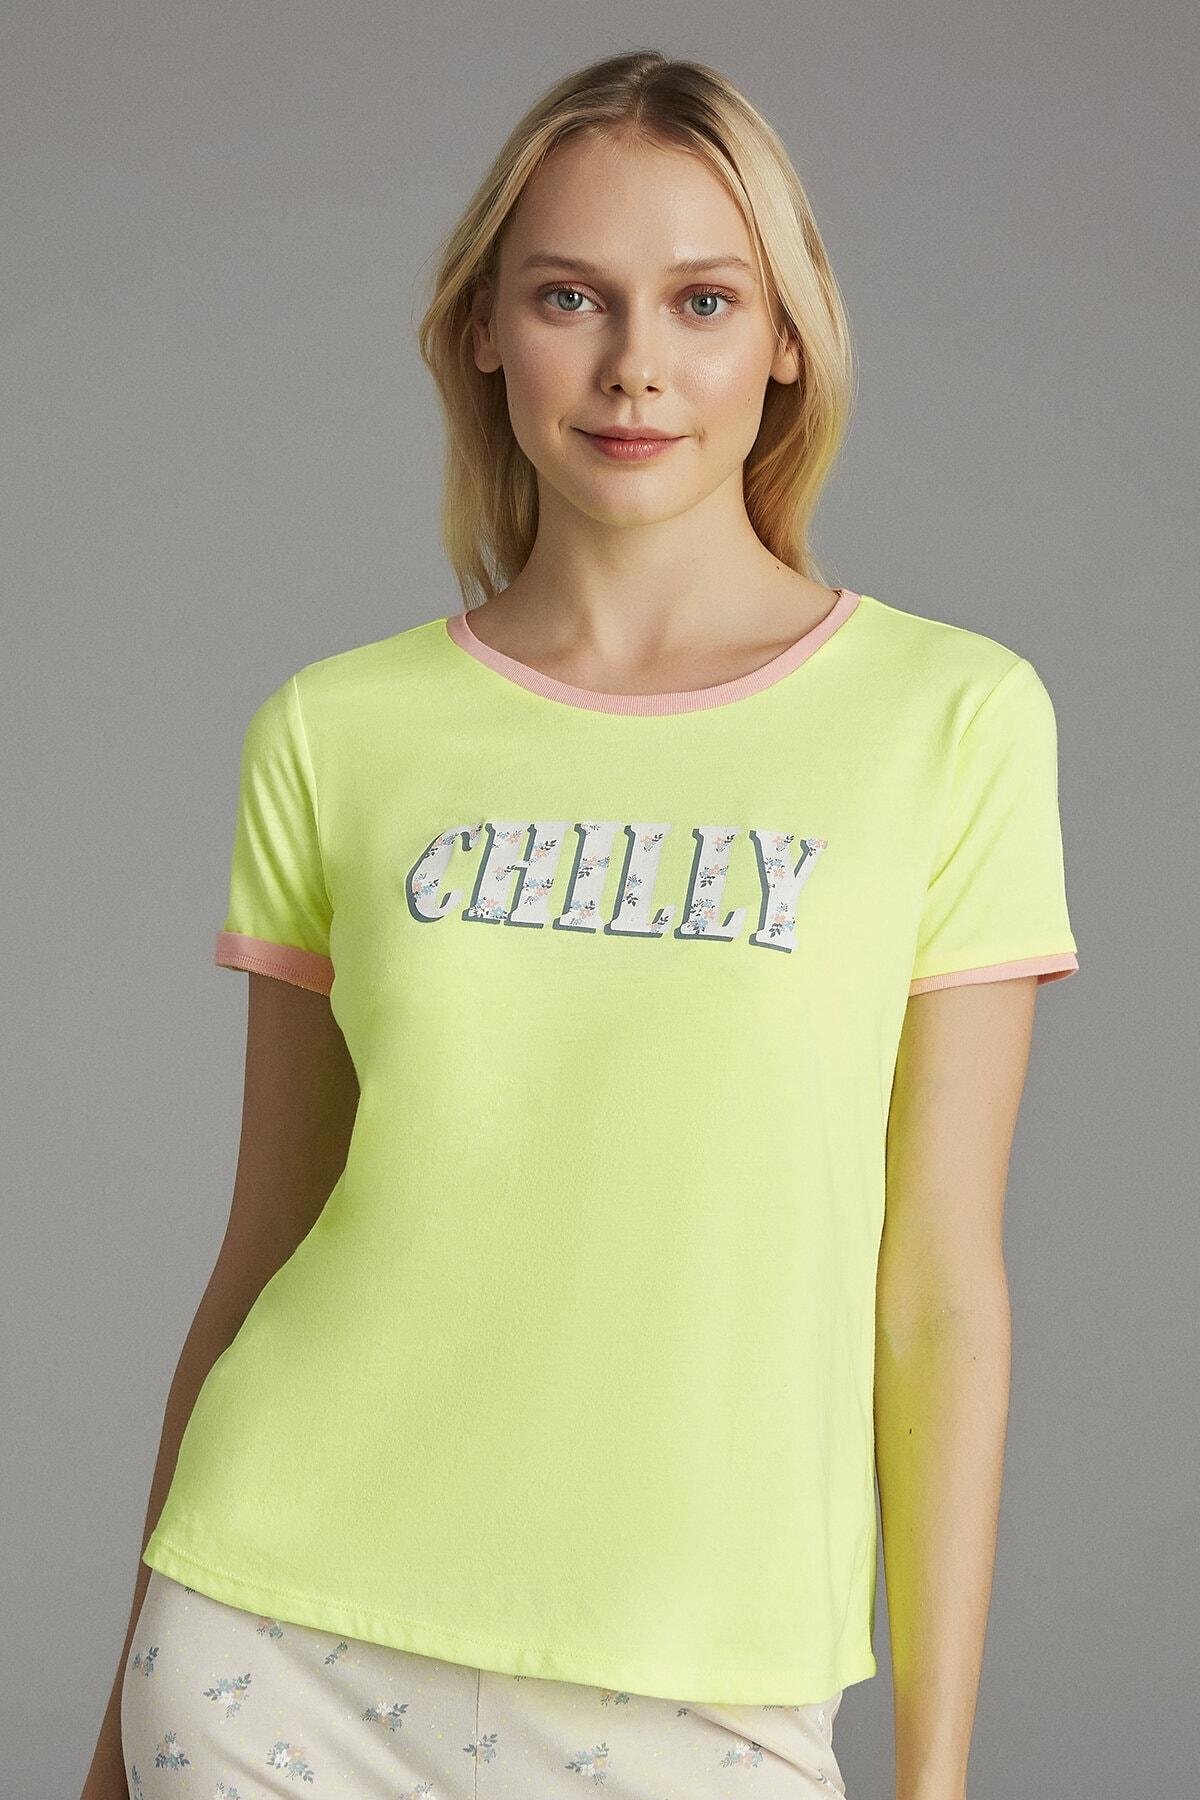 Penti Neon Sarı Chilly Tişört 1